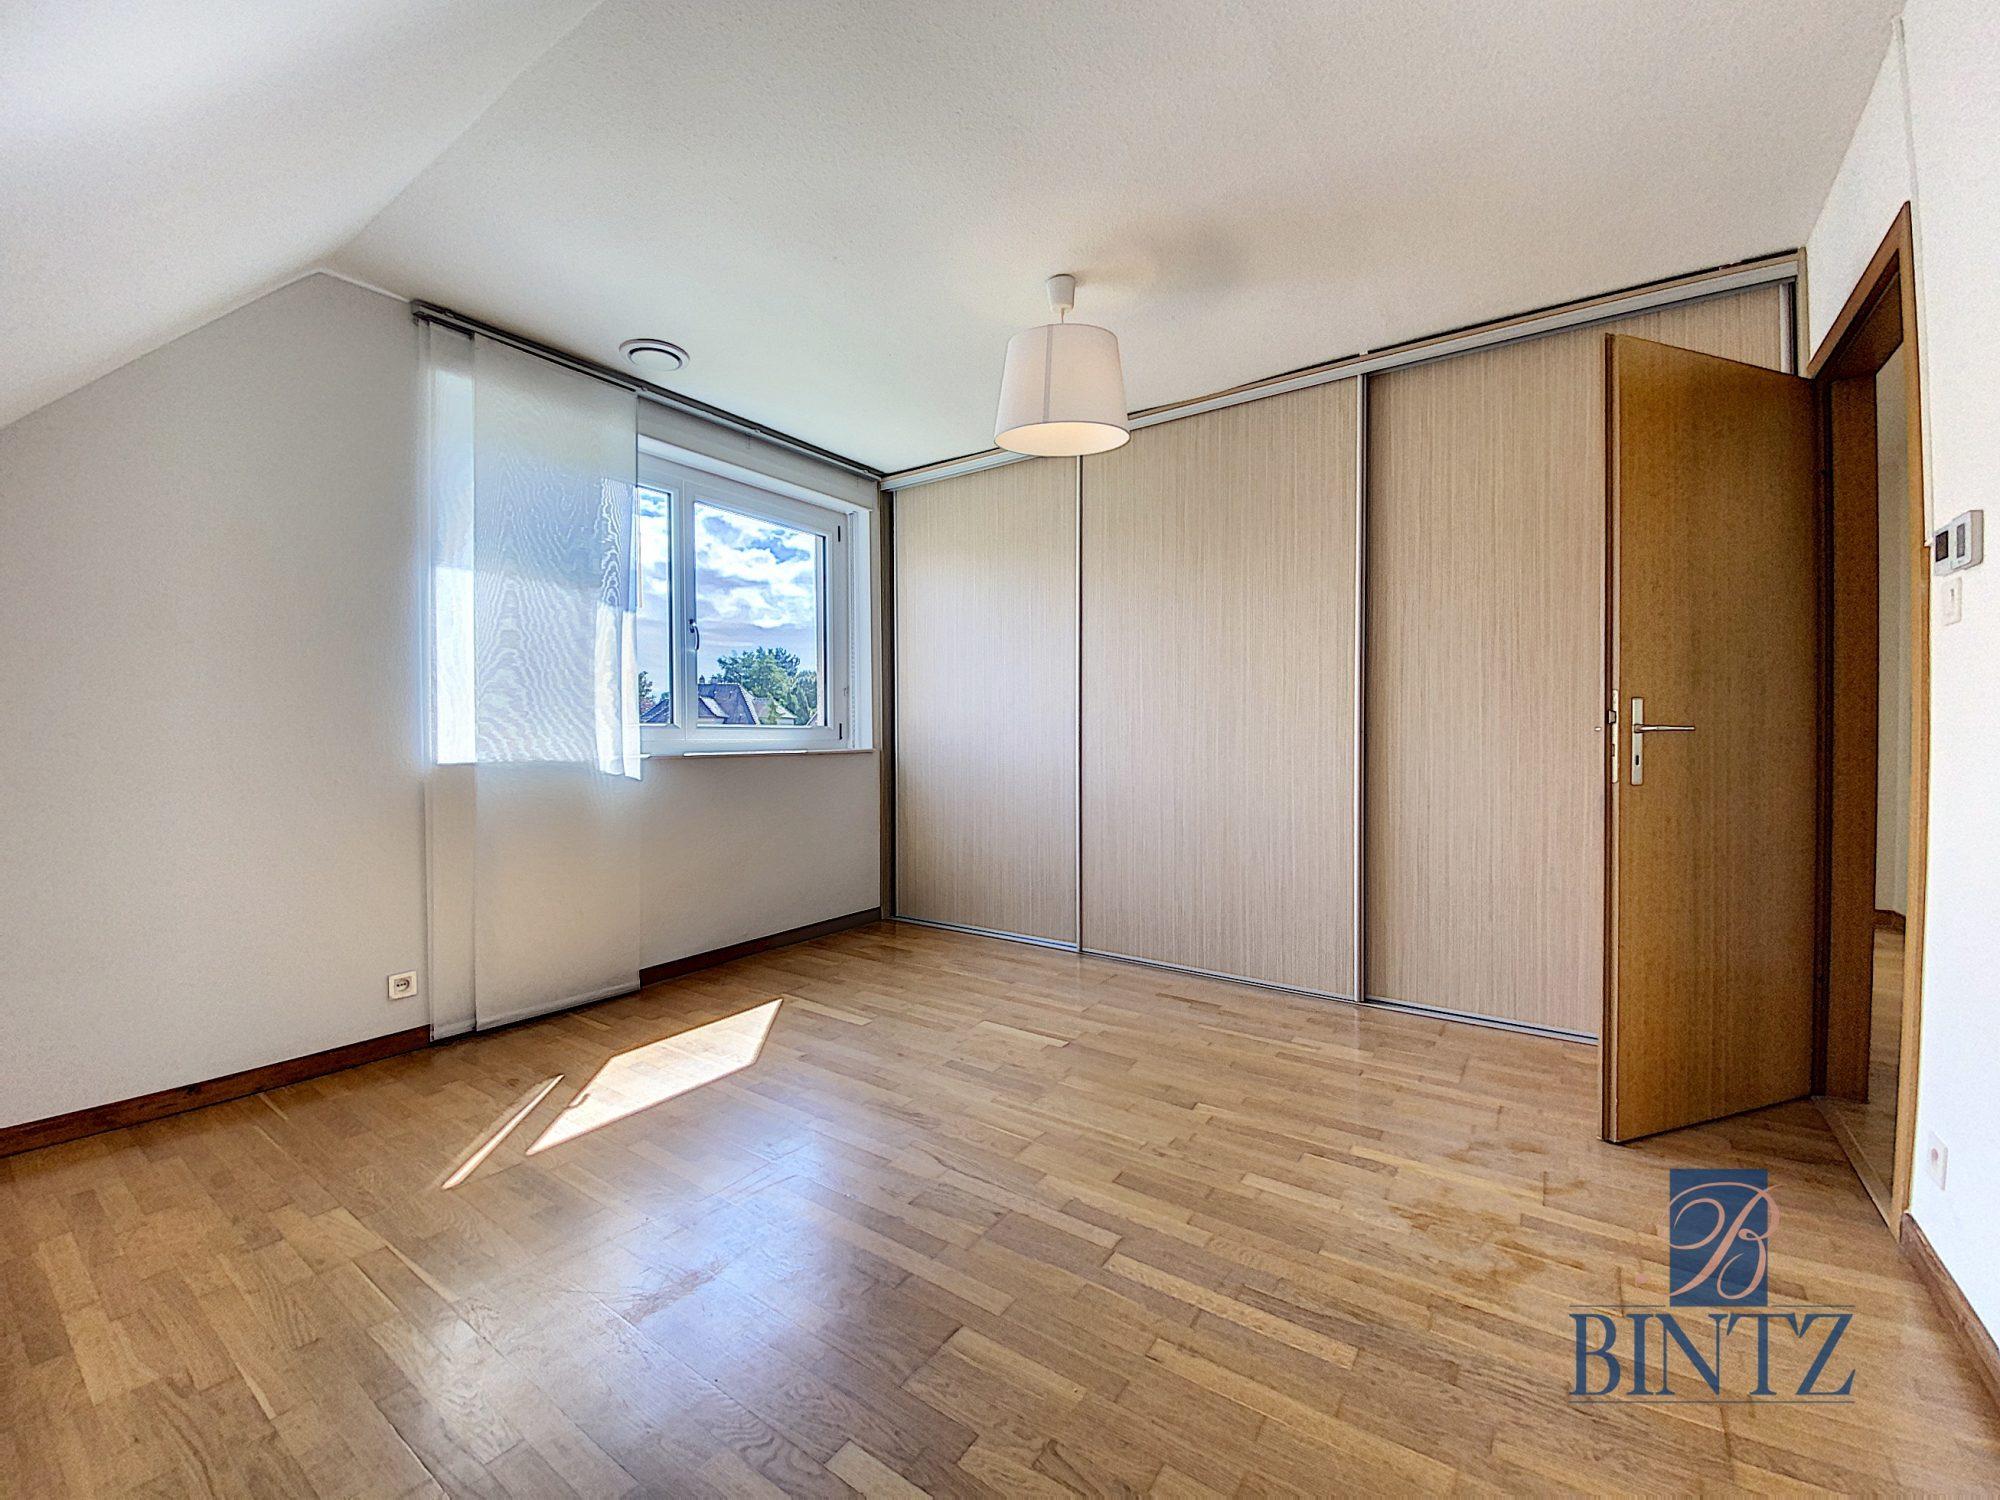 MAISON A LOUER ROBERTSAU - Devenez locataire en toute sérénité - Bintz Immobilier - 10